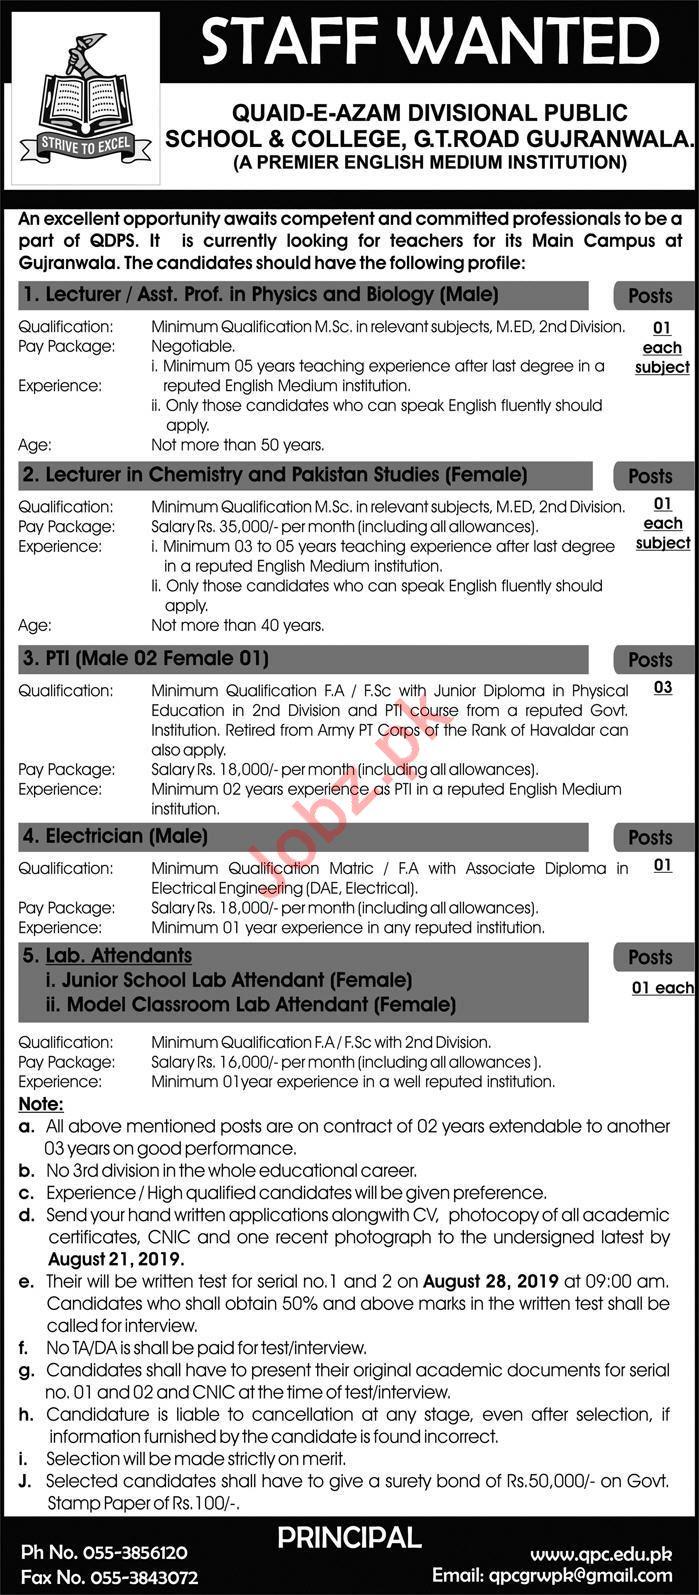 Quaid e Azam Division Public School & College Jobs 2019